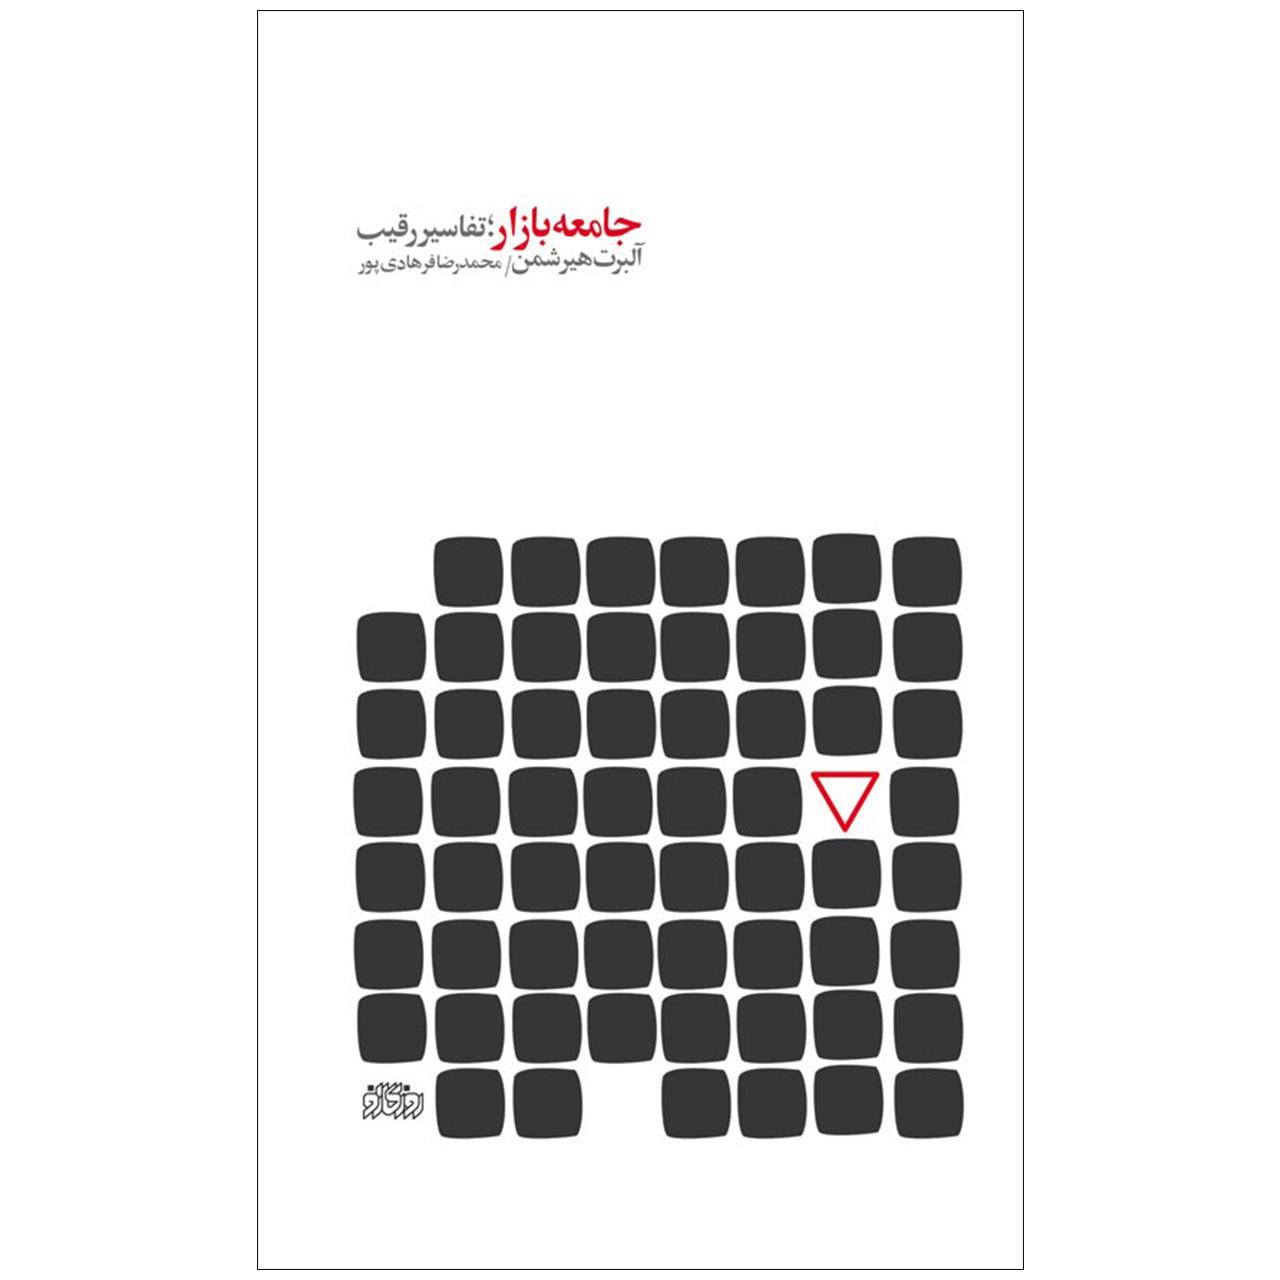 خرید                      کتاب جامعه بازار؛ تفاسیر رقیب اثر آلبرت هیرشمن نشر پگاه روزگار نو